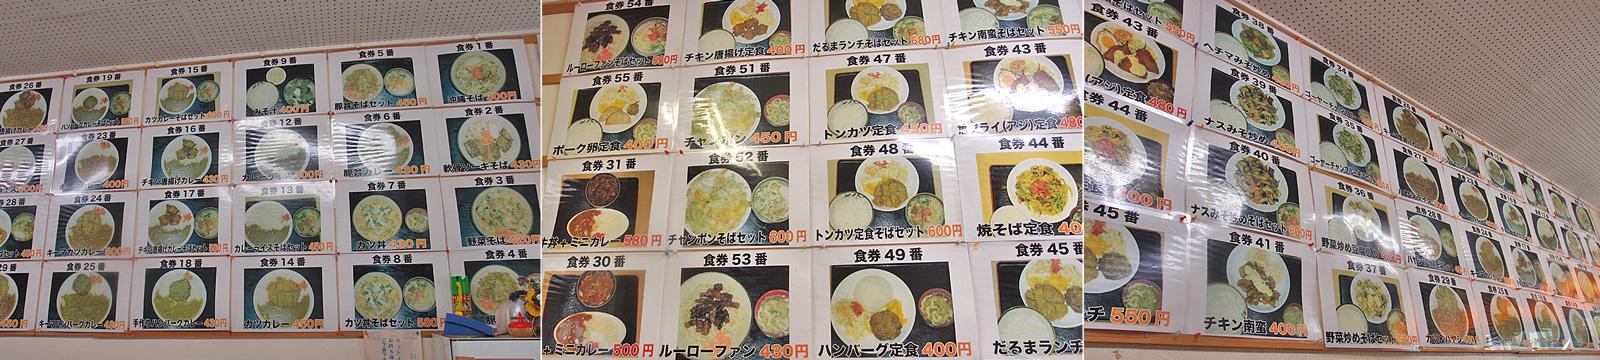 menu_all_daruma.jpg